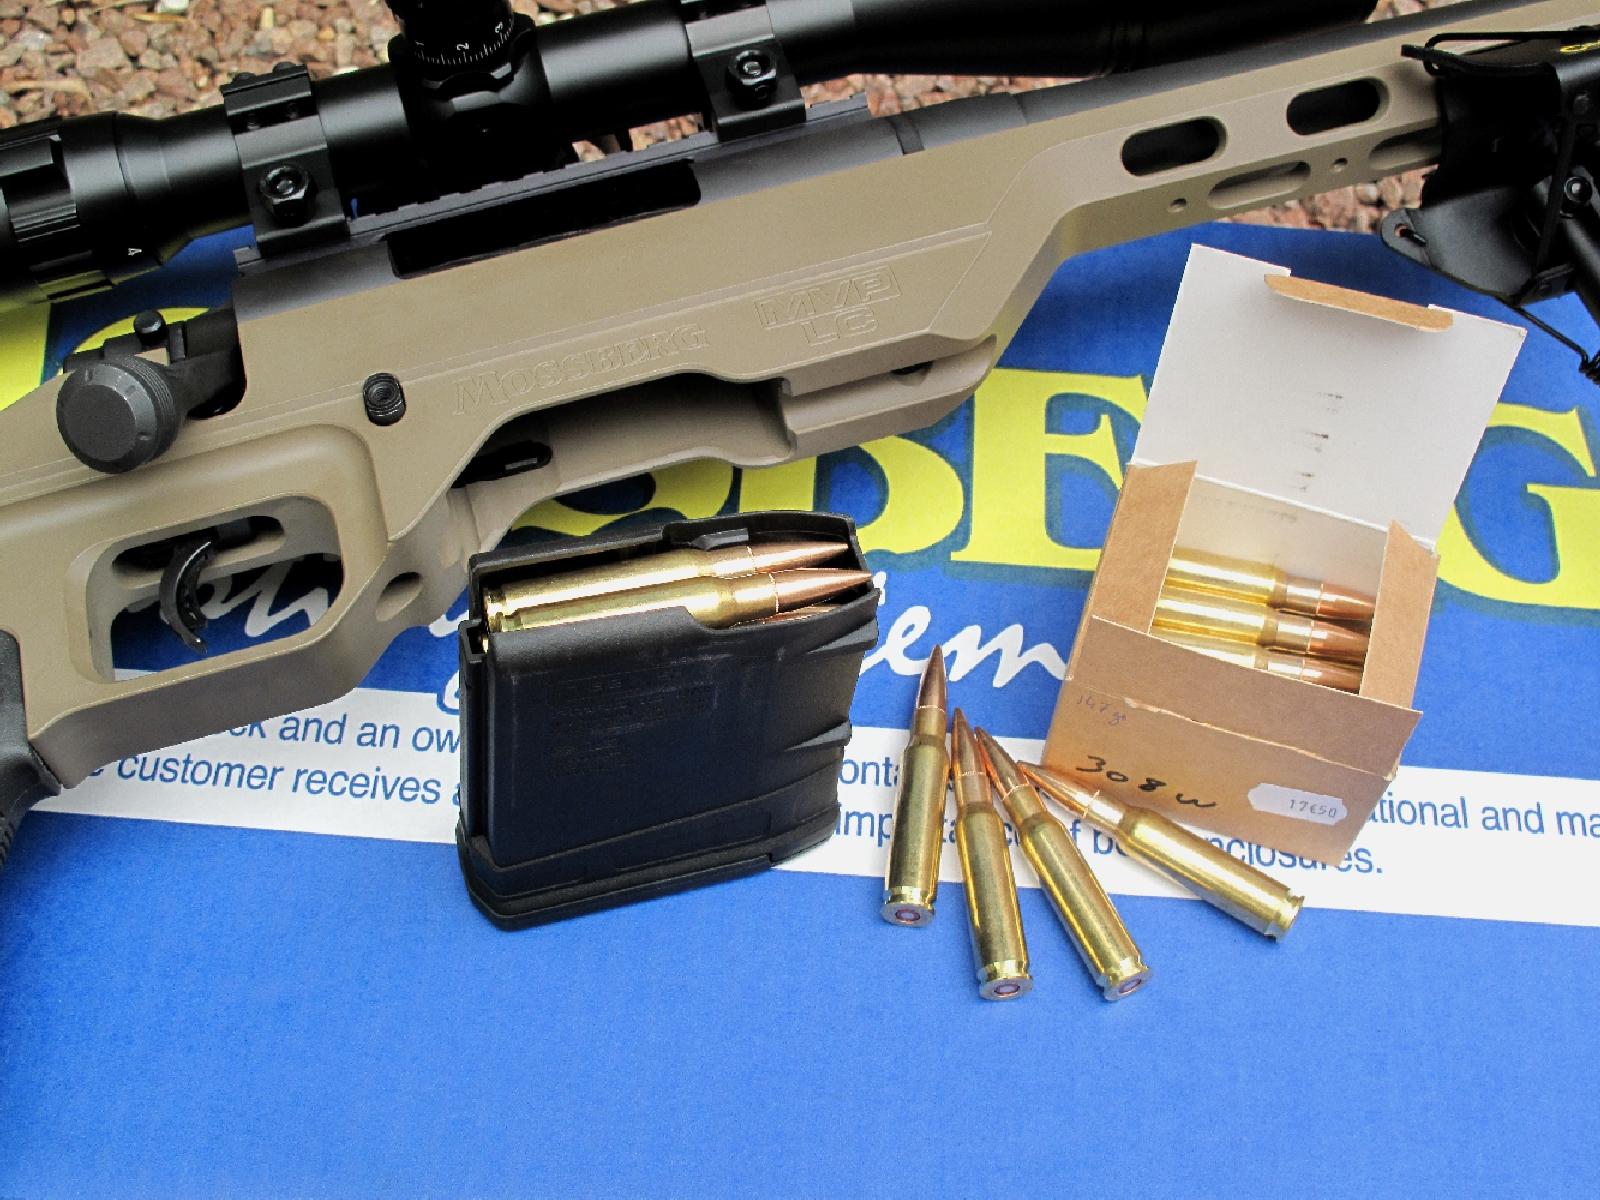 Très bien conçu, facile à approvisionner, à introduire et à démonter, son chargeur en polymère peut accueillir dix cartouches de calibre .308 Winchester (7,62 mm OTAN).